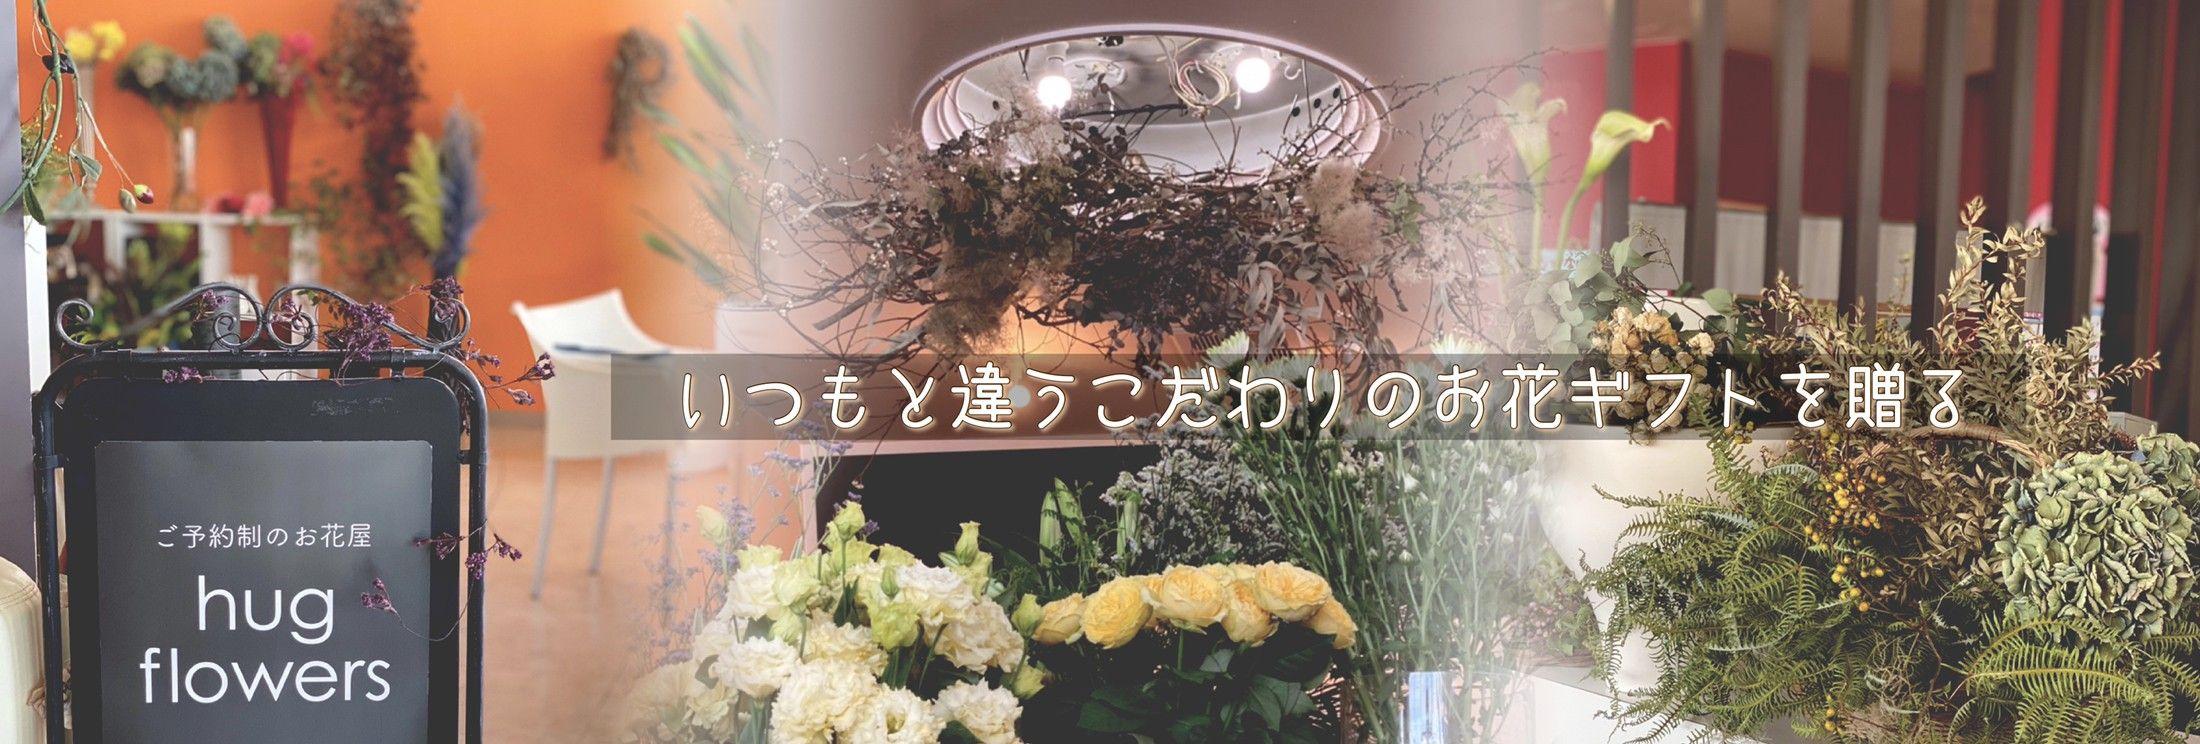 沖縄県宜野湾市にあるフラワーギフト/アレンジメント教室/花屋「hug flowers(ハグフラワーズ)」